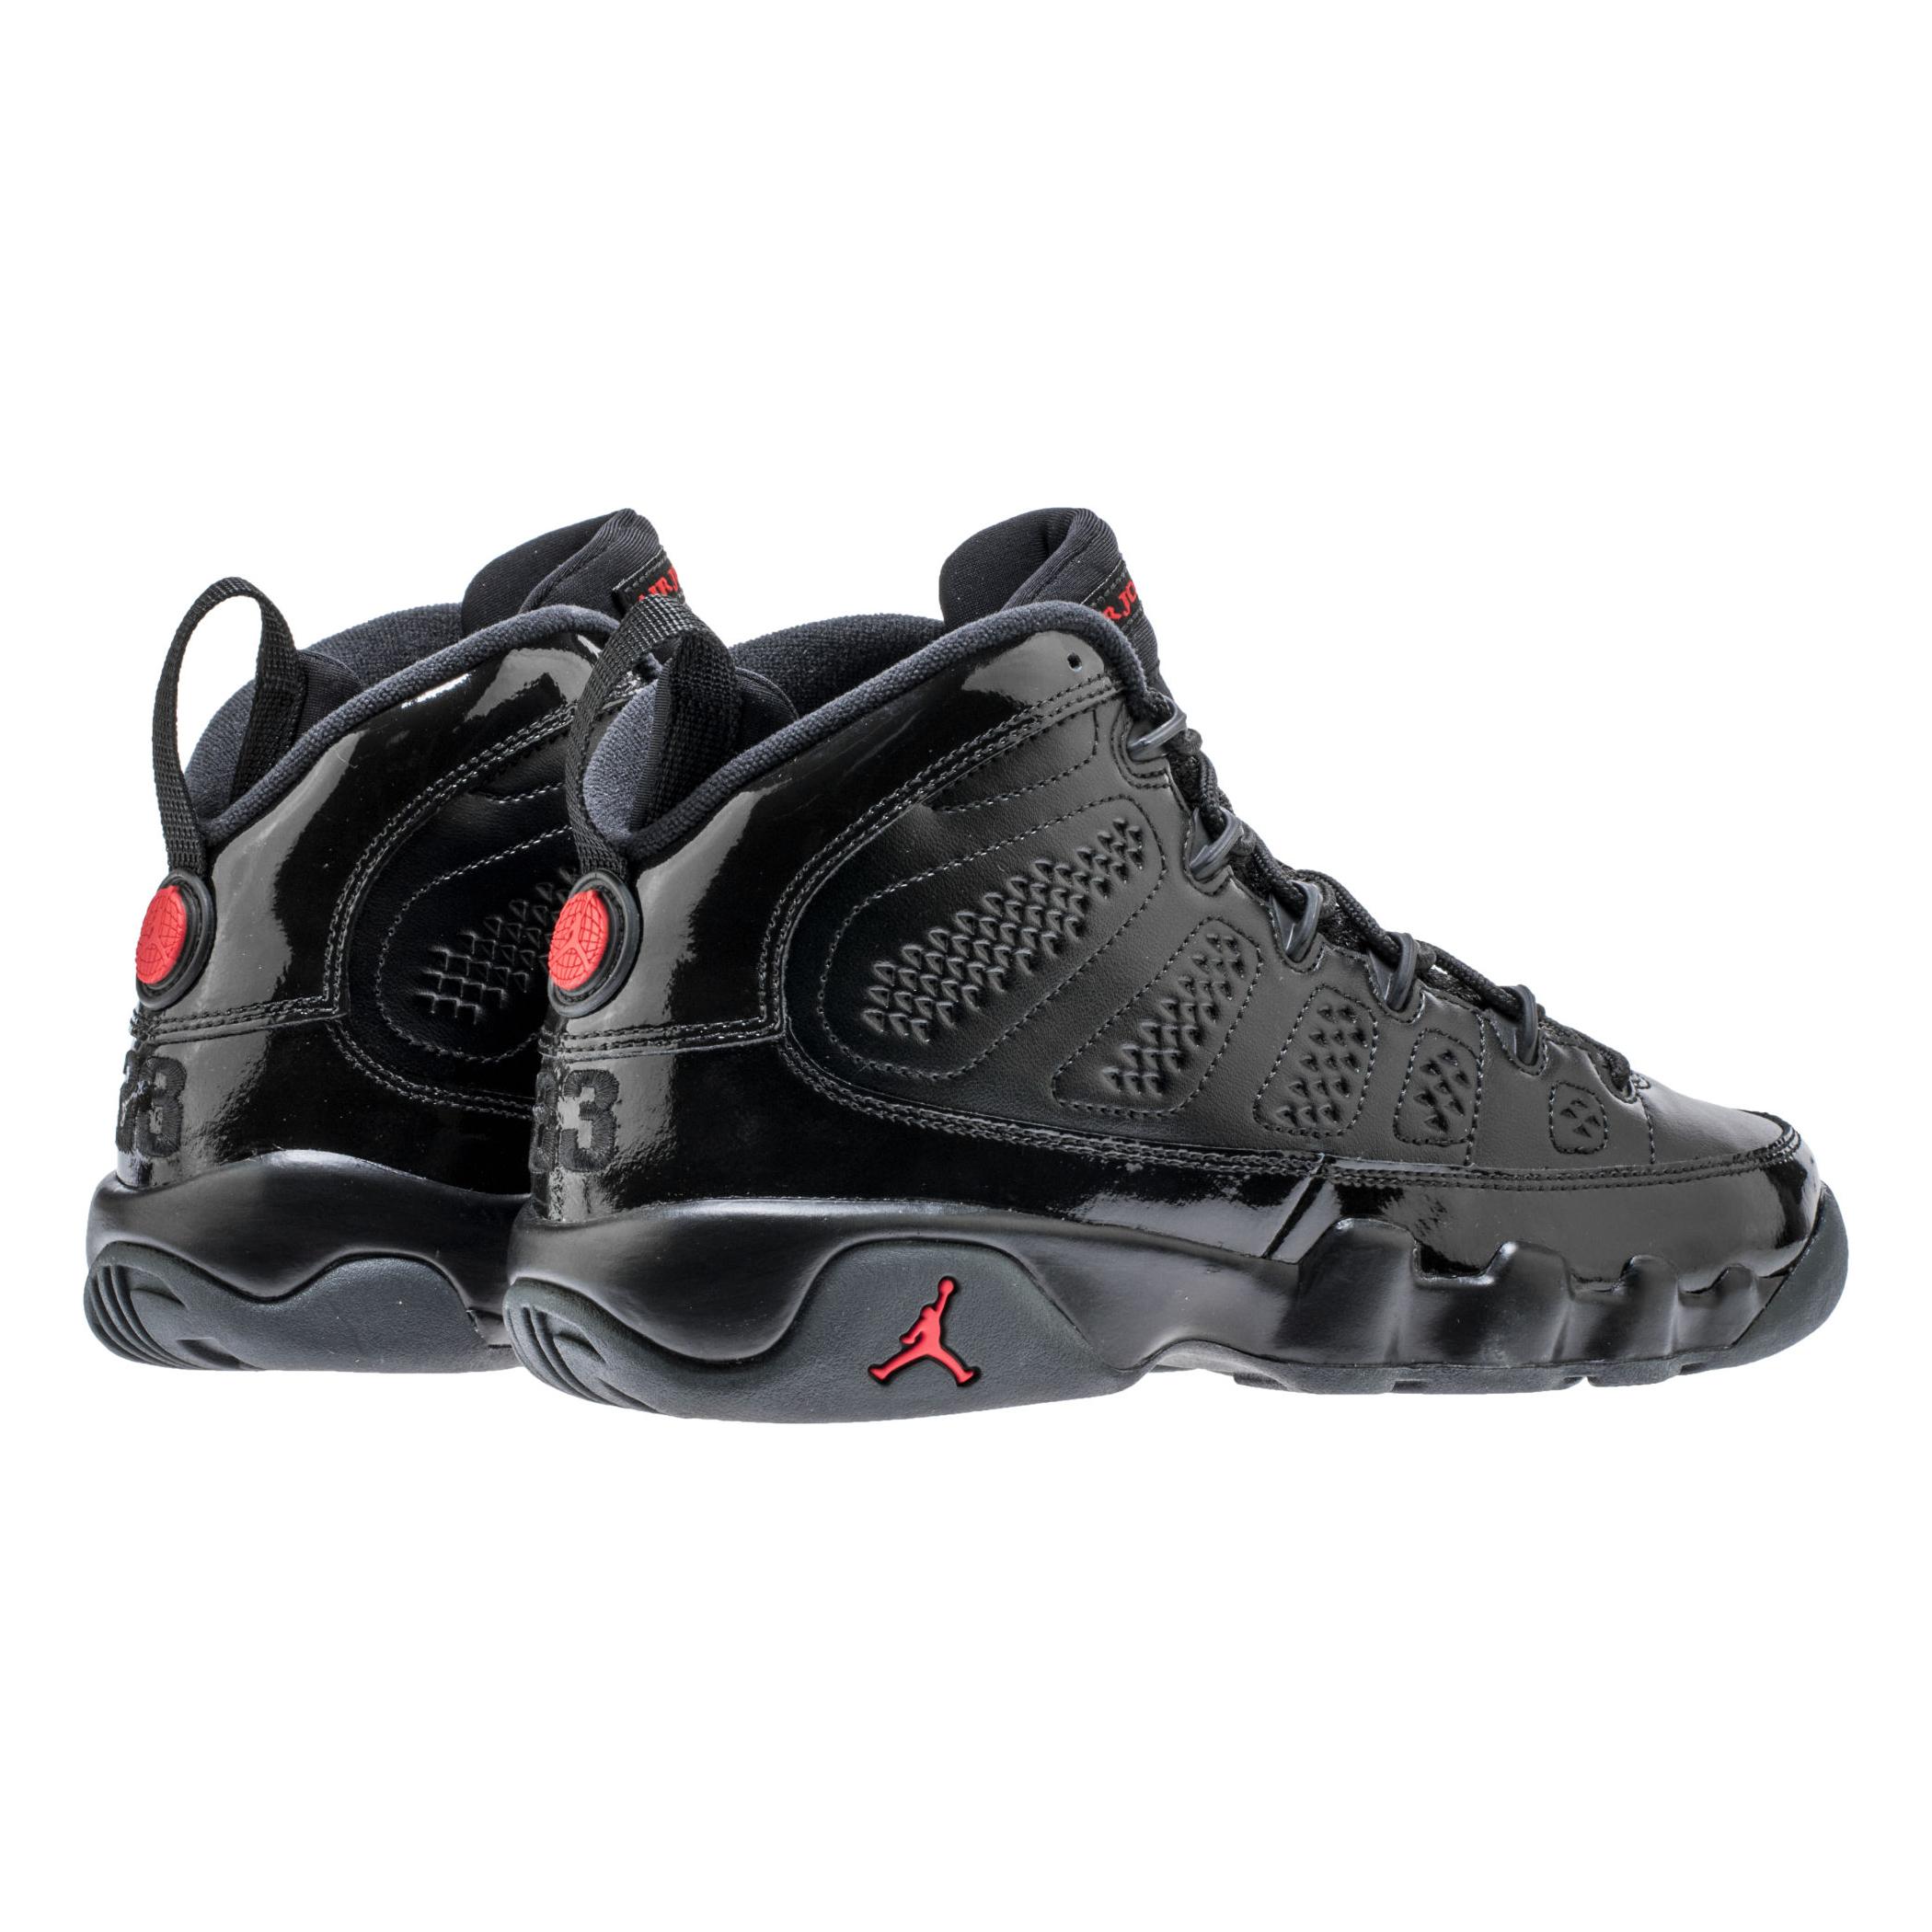 Ver la venta comercializable en venta Air Jordan Ix Bg Negro / Universitario Rojo / Antracita baratas de China excelente línea barata venta de liquidación BGD4Q